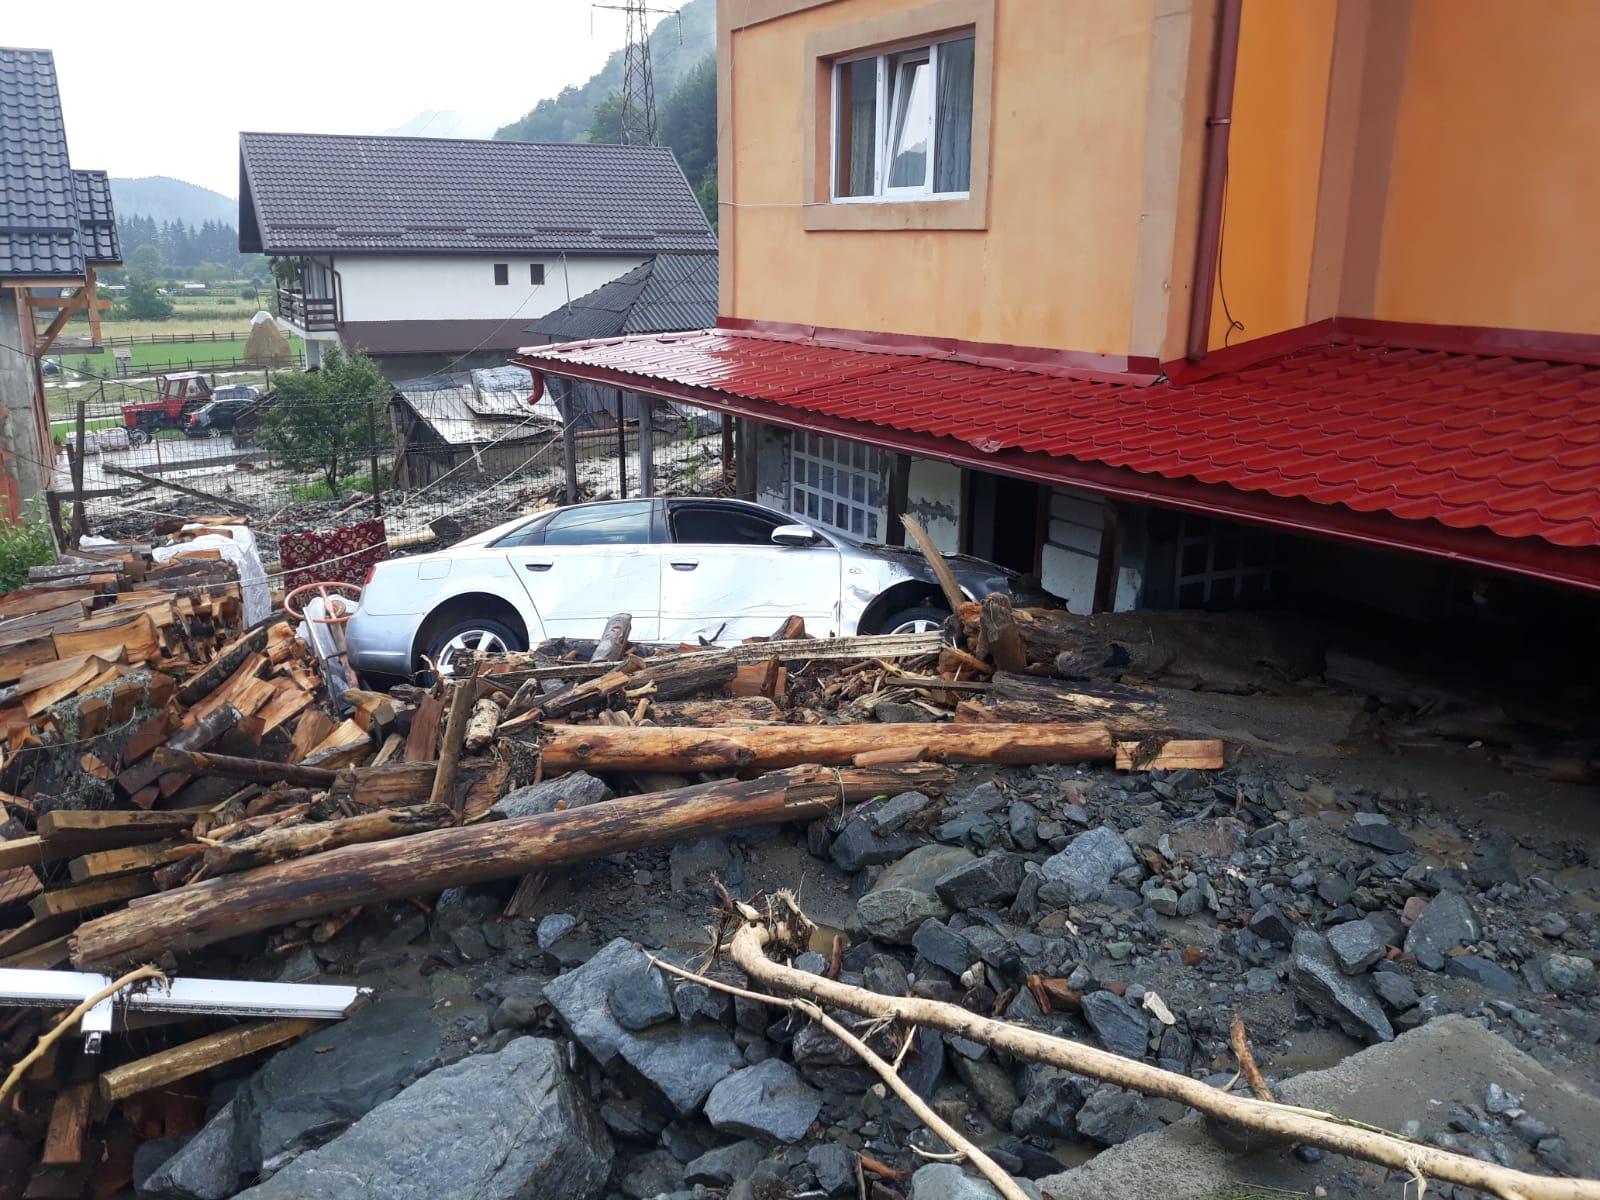 În lipsa unei gestionări durabile a pădurilor, dezastrele naturale cauzate de inundații se vor înmulți